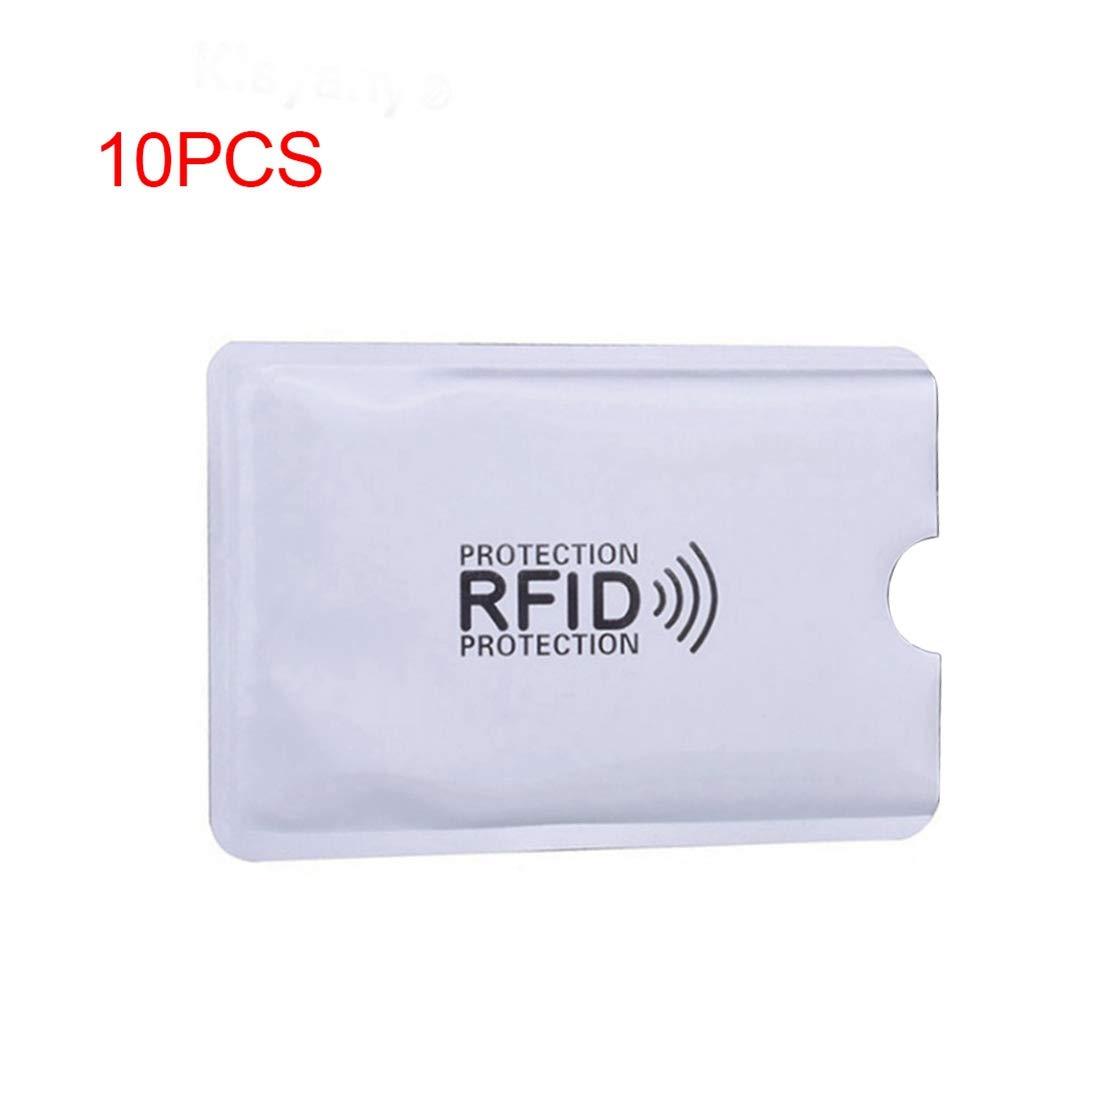 TOOGOO 10 pz foglio di alluminio anti-smagnetizzazione della copertura della carta RFID sacchetto di protezione carta di credito NFC anti-furto id card protector